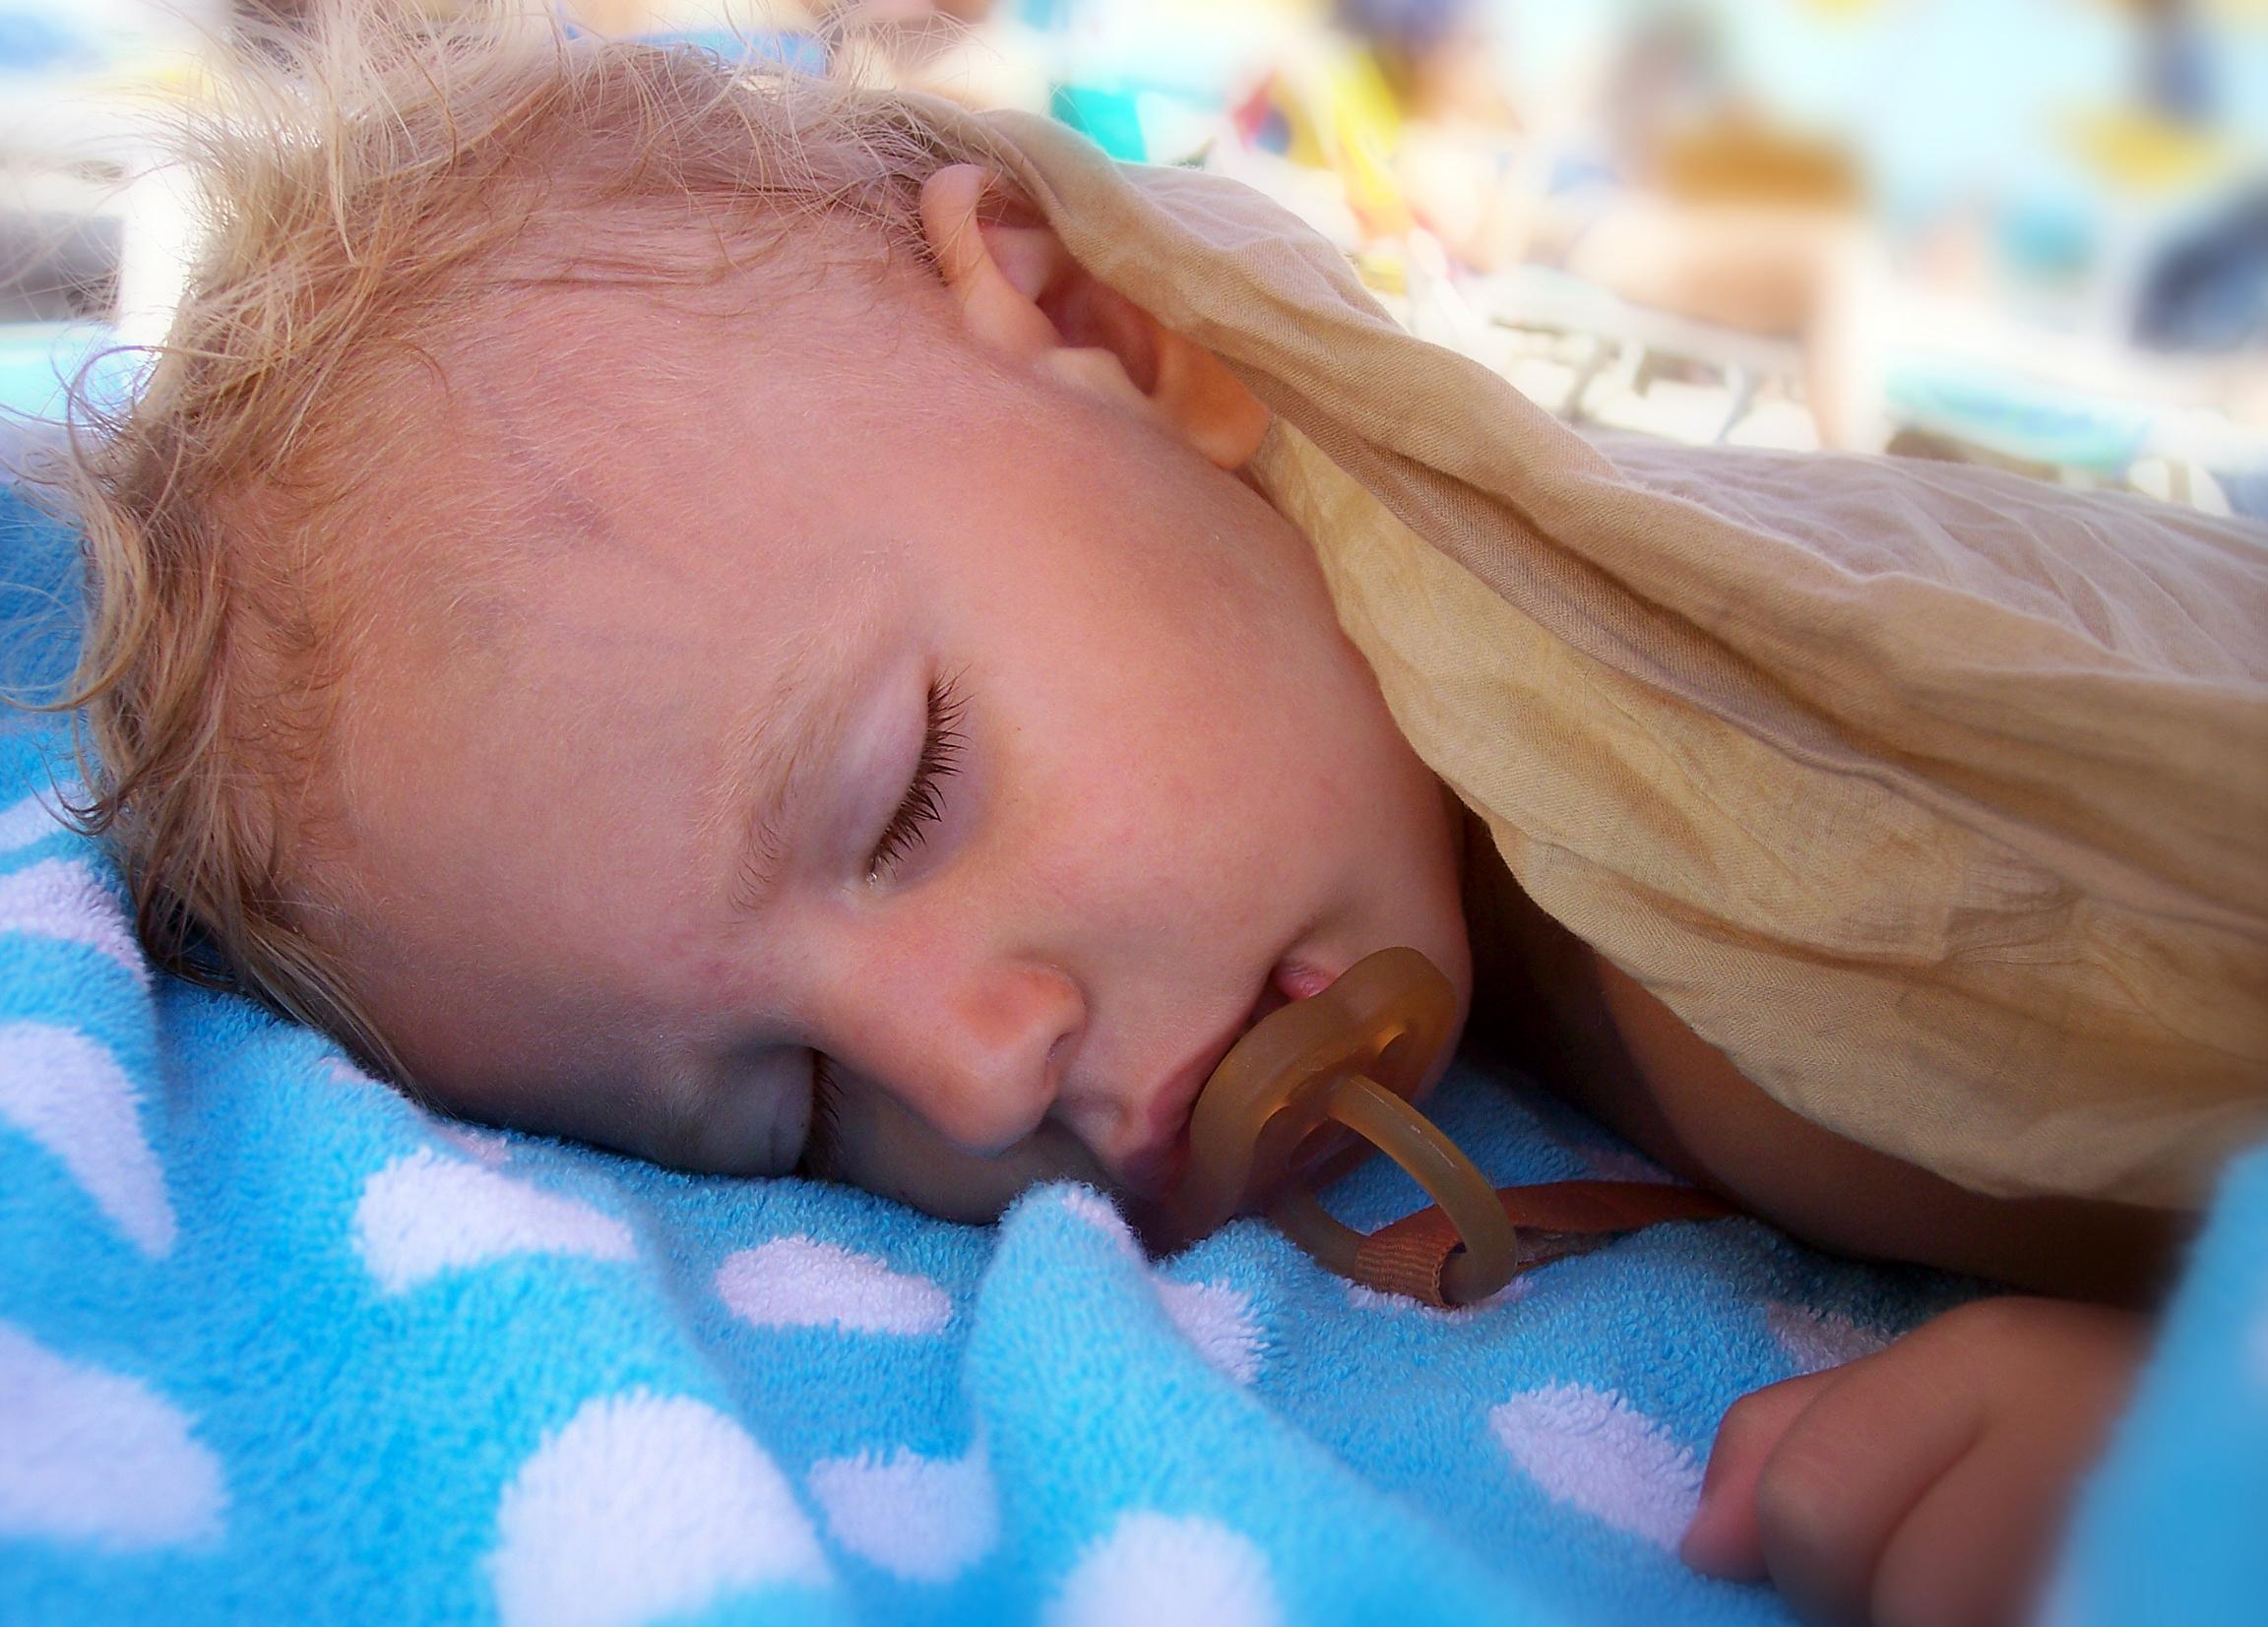 En tvååring sover på filt utomhus med naturgumminapp i munnen